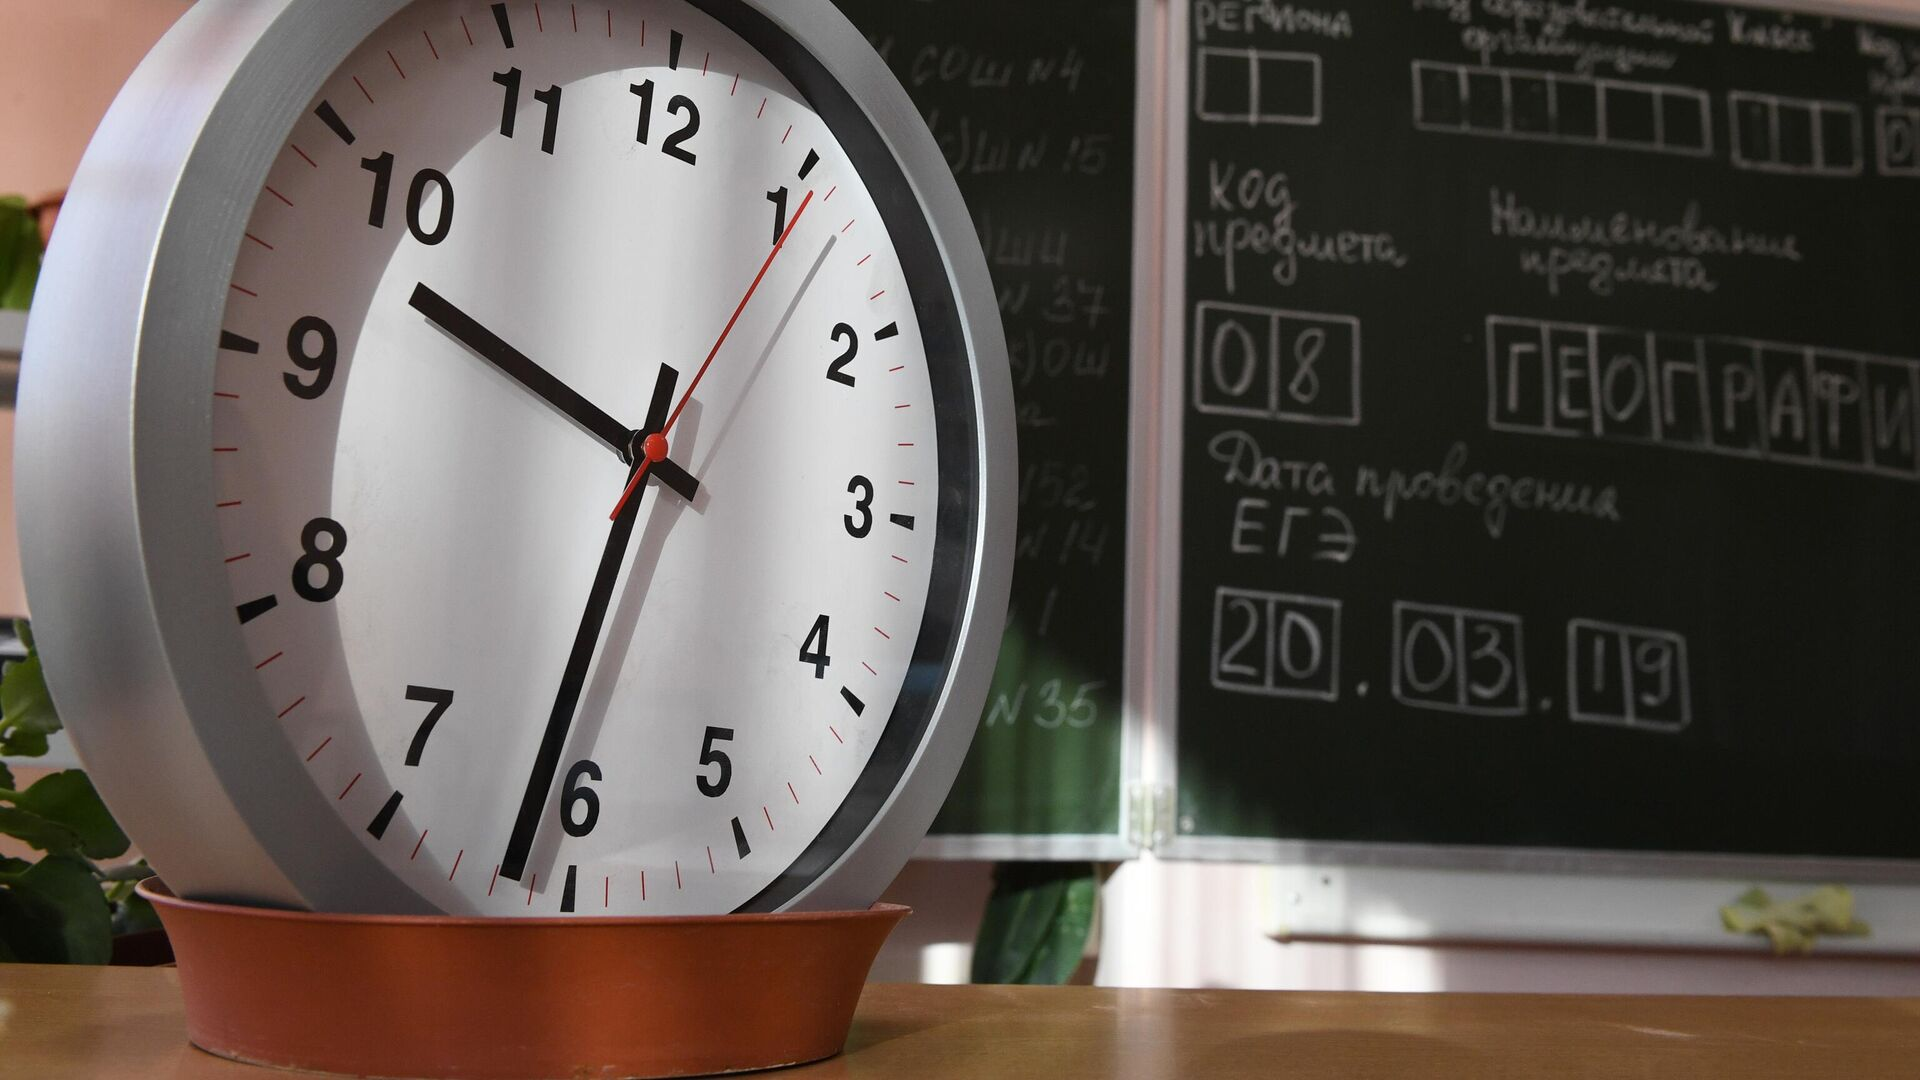 Часы в классе во время ЕГЭ по географии и литературе - РИА Новости, 1920, 02.06.2021